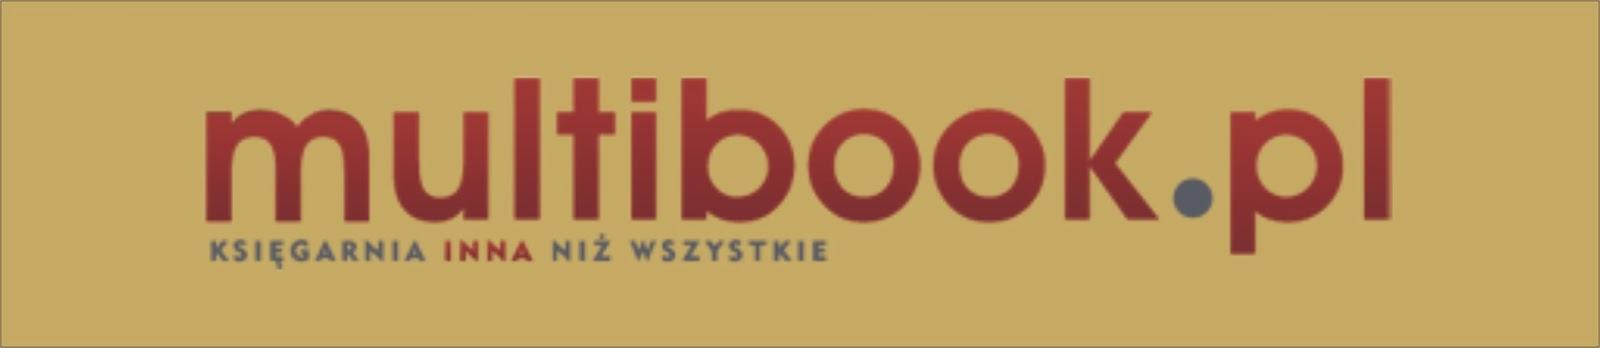 http://multibook.pl/pl/p/Przemyslaw-Dakowicz-Laczka/3513